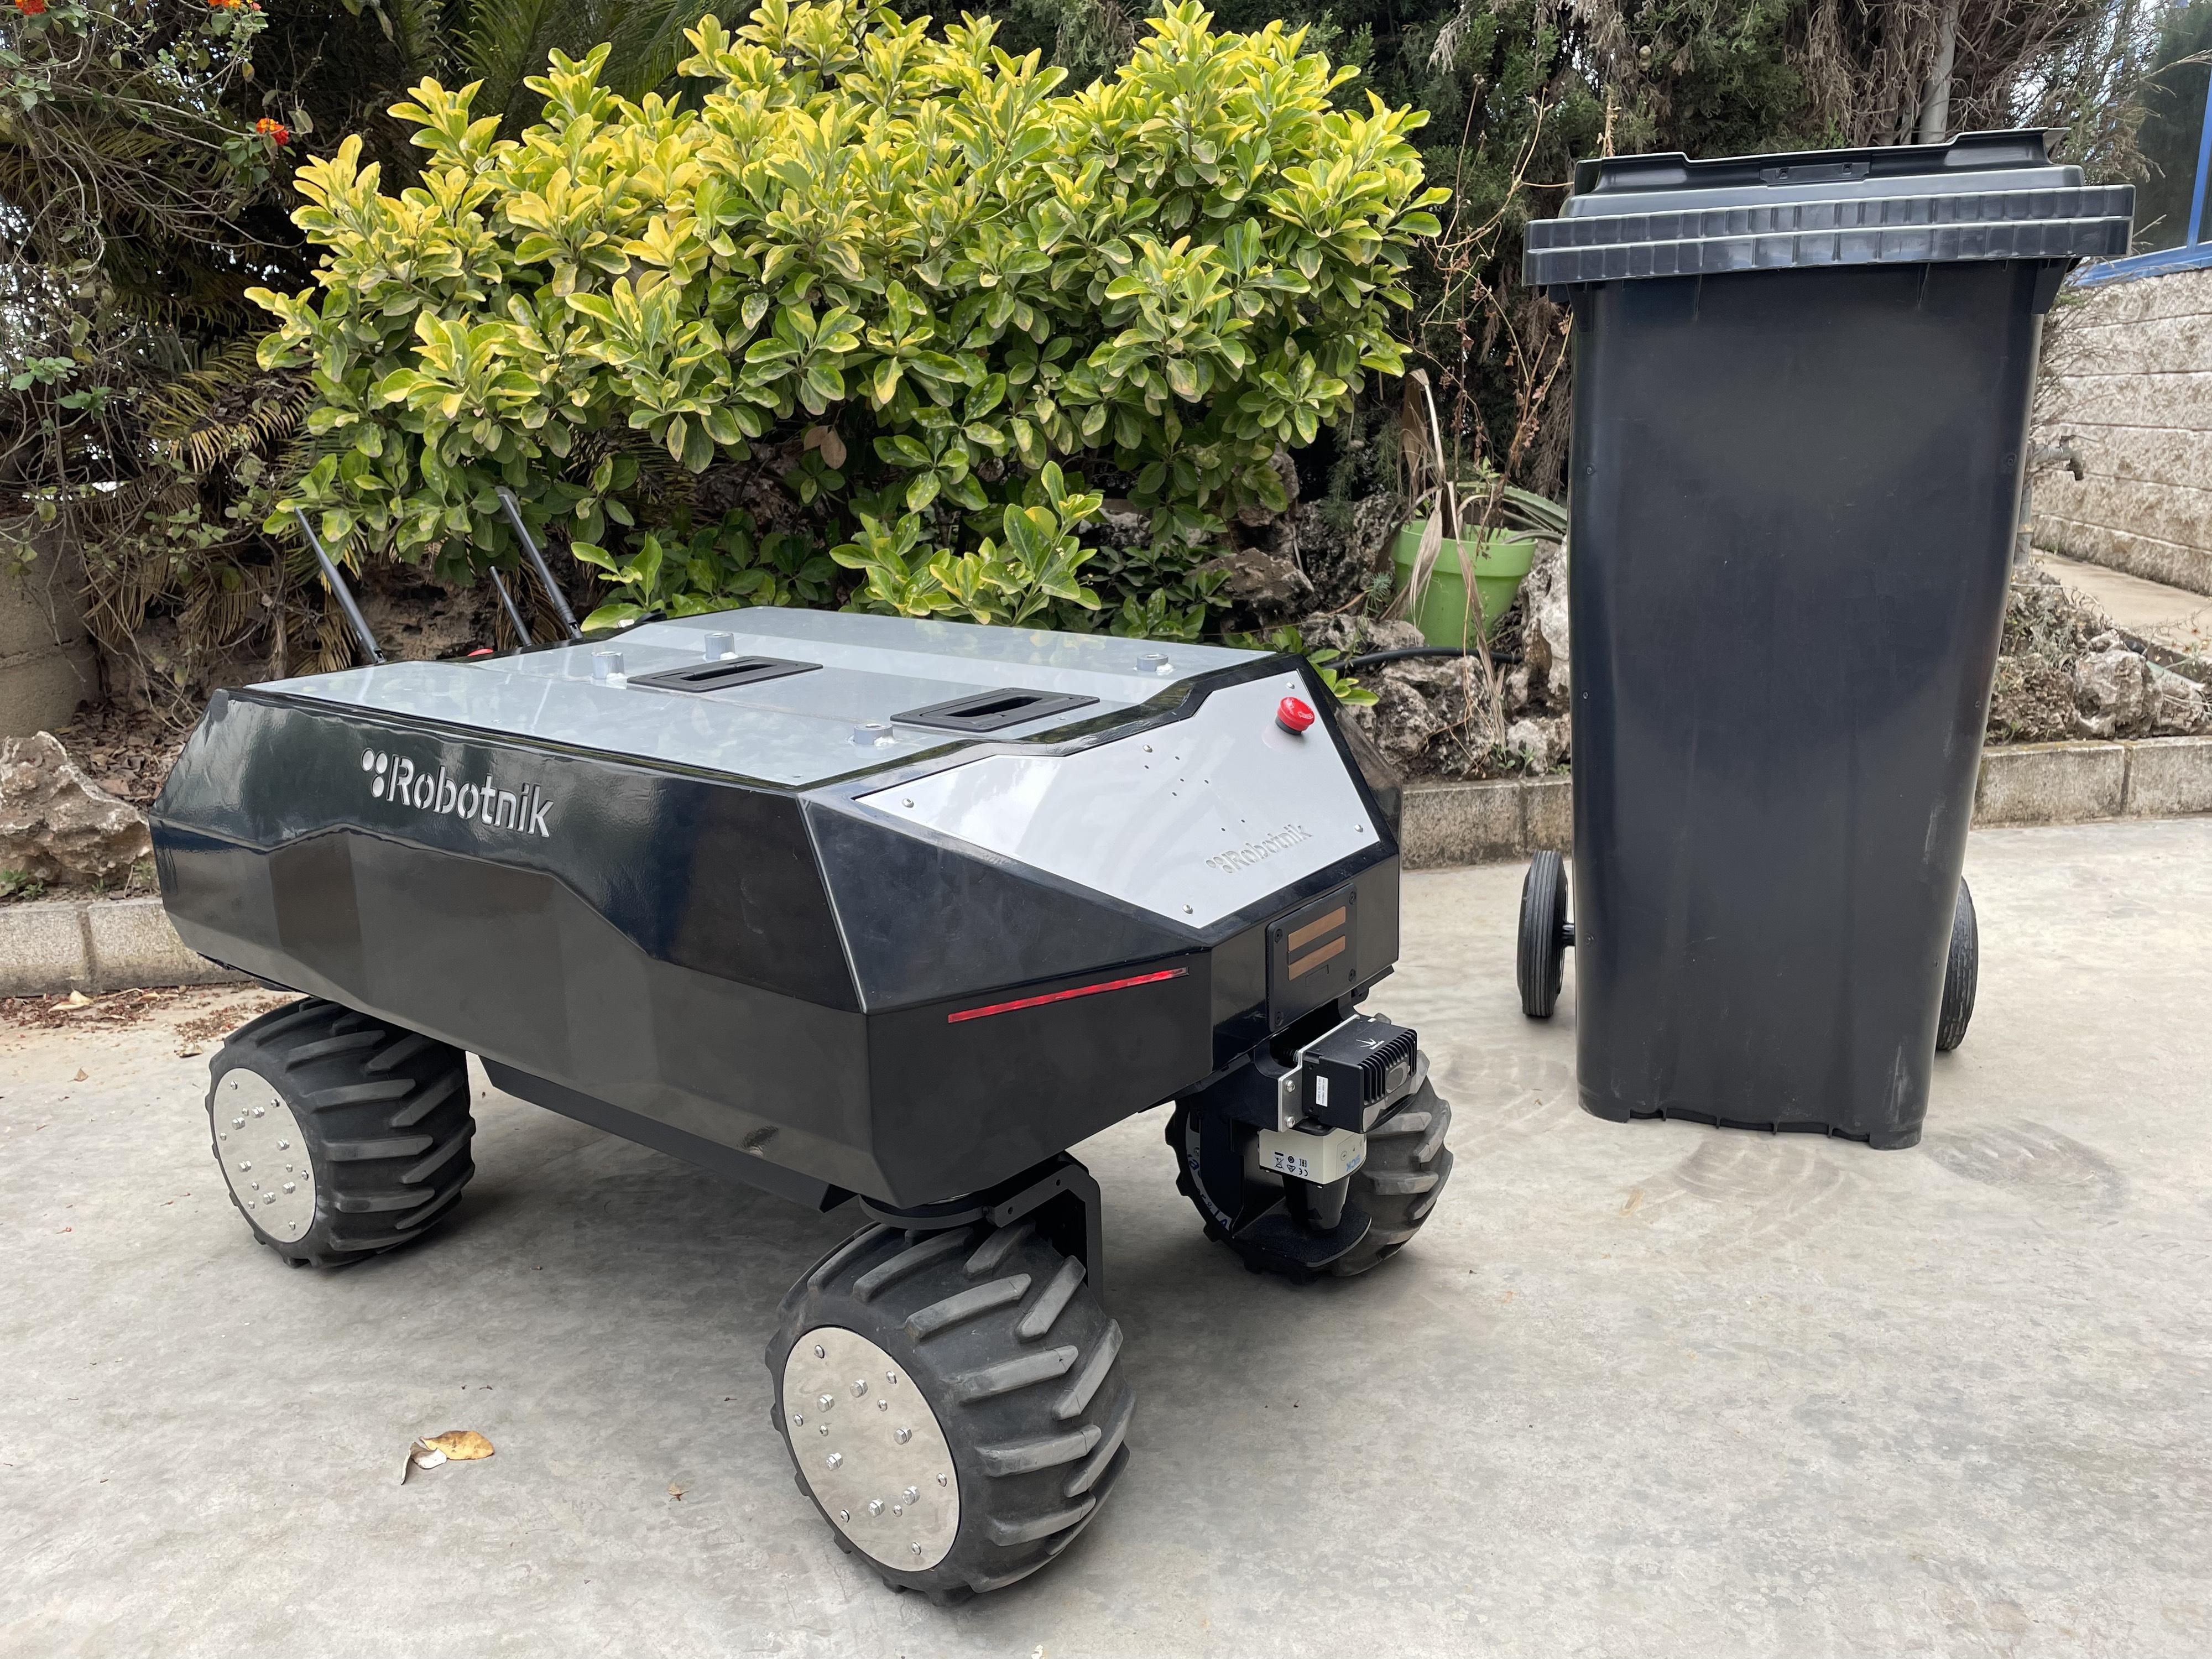 La logística y recogida de residuos inteligente llega a Valencia gracias al proyecto AUDERE